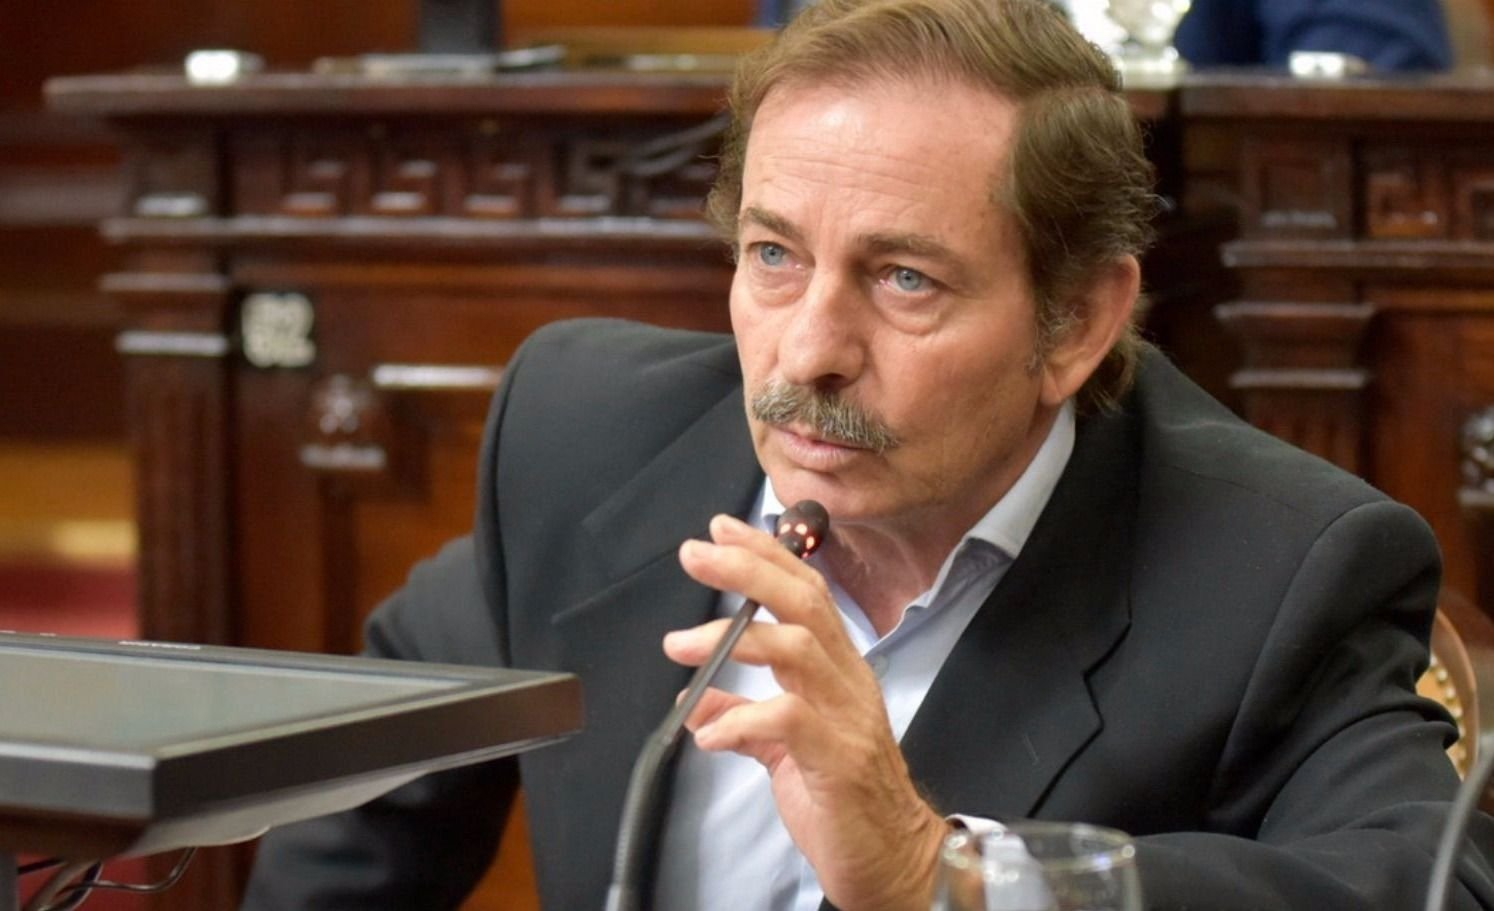 Se presentó un proyecto de ley para fortalecer la lucha contra la corrupción